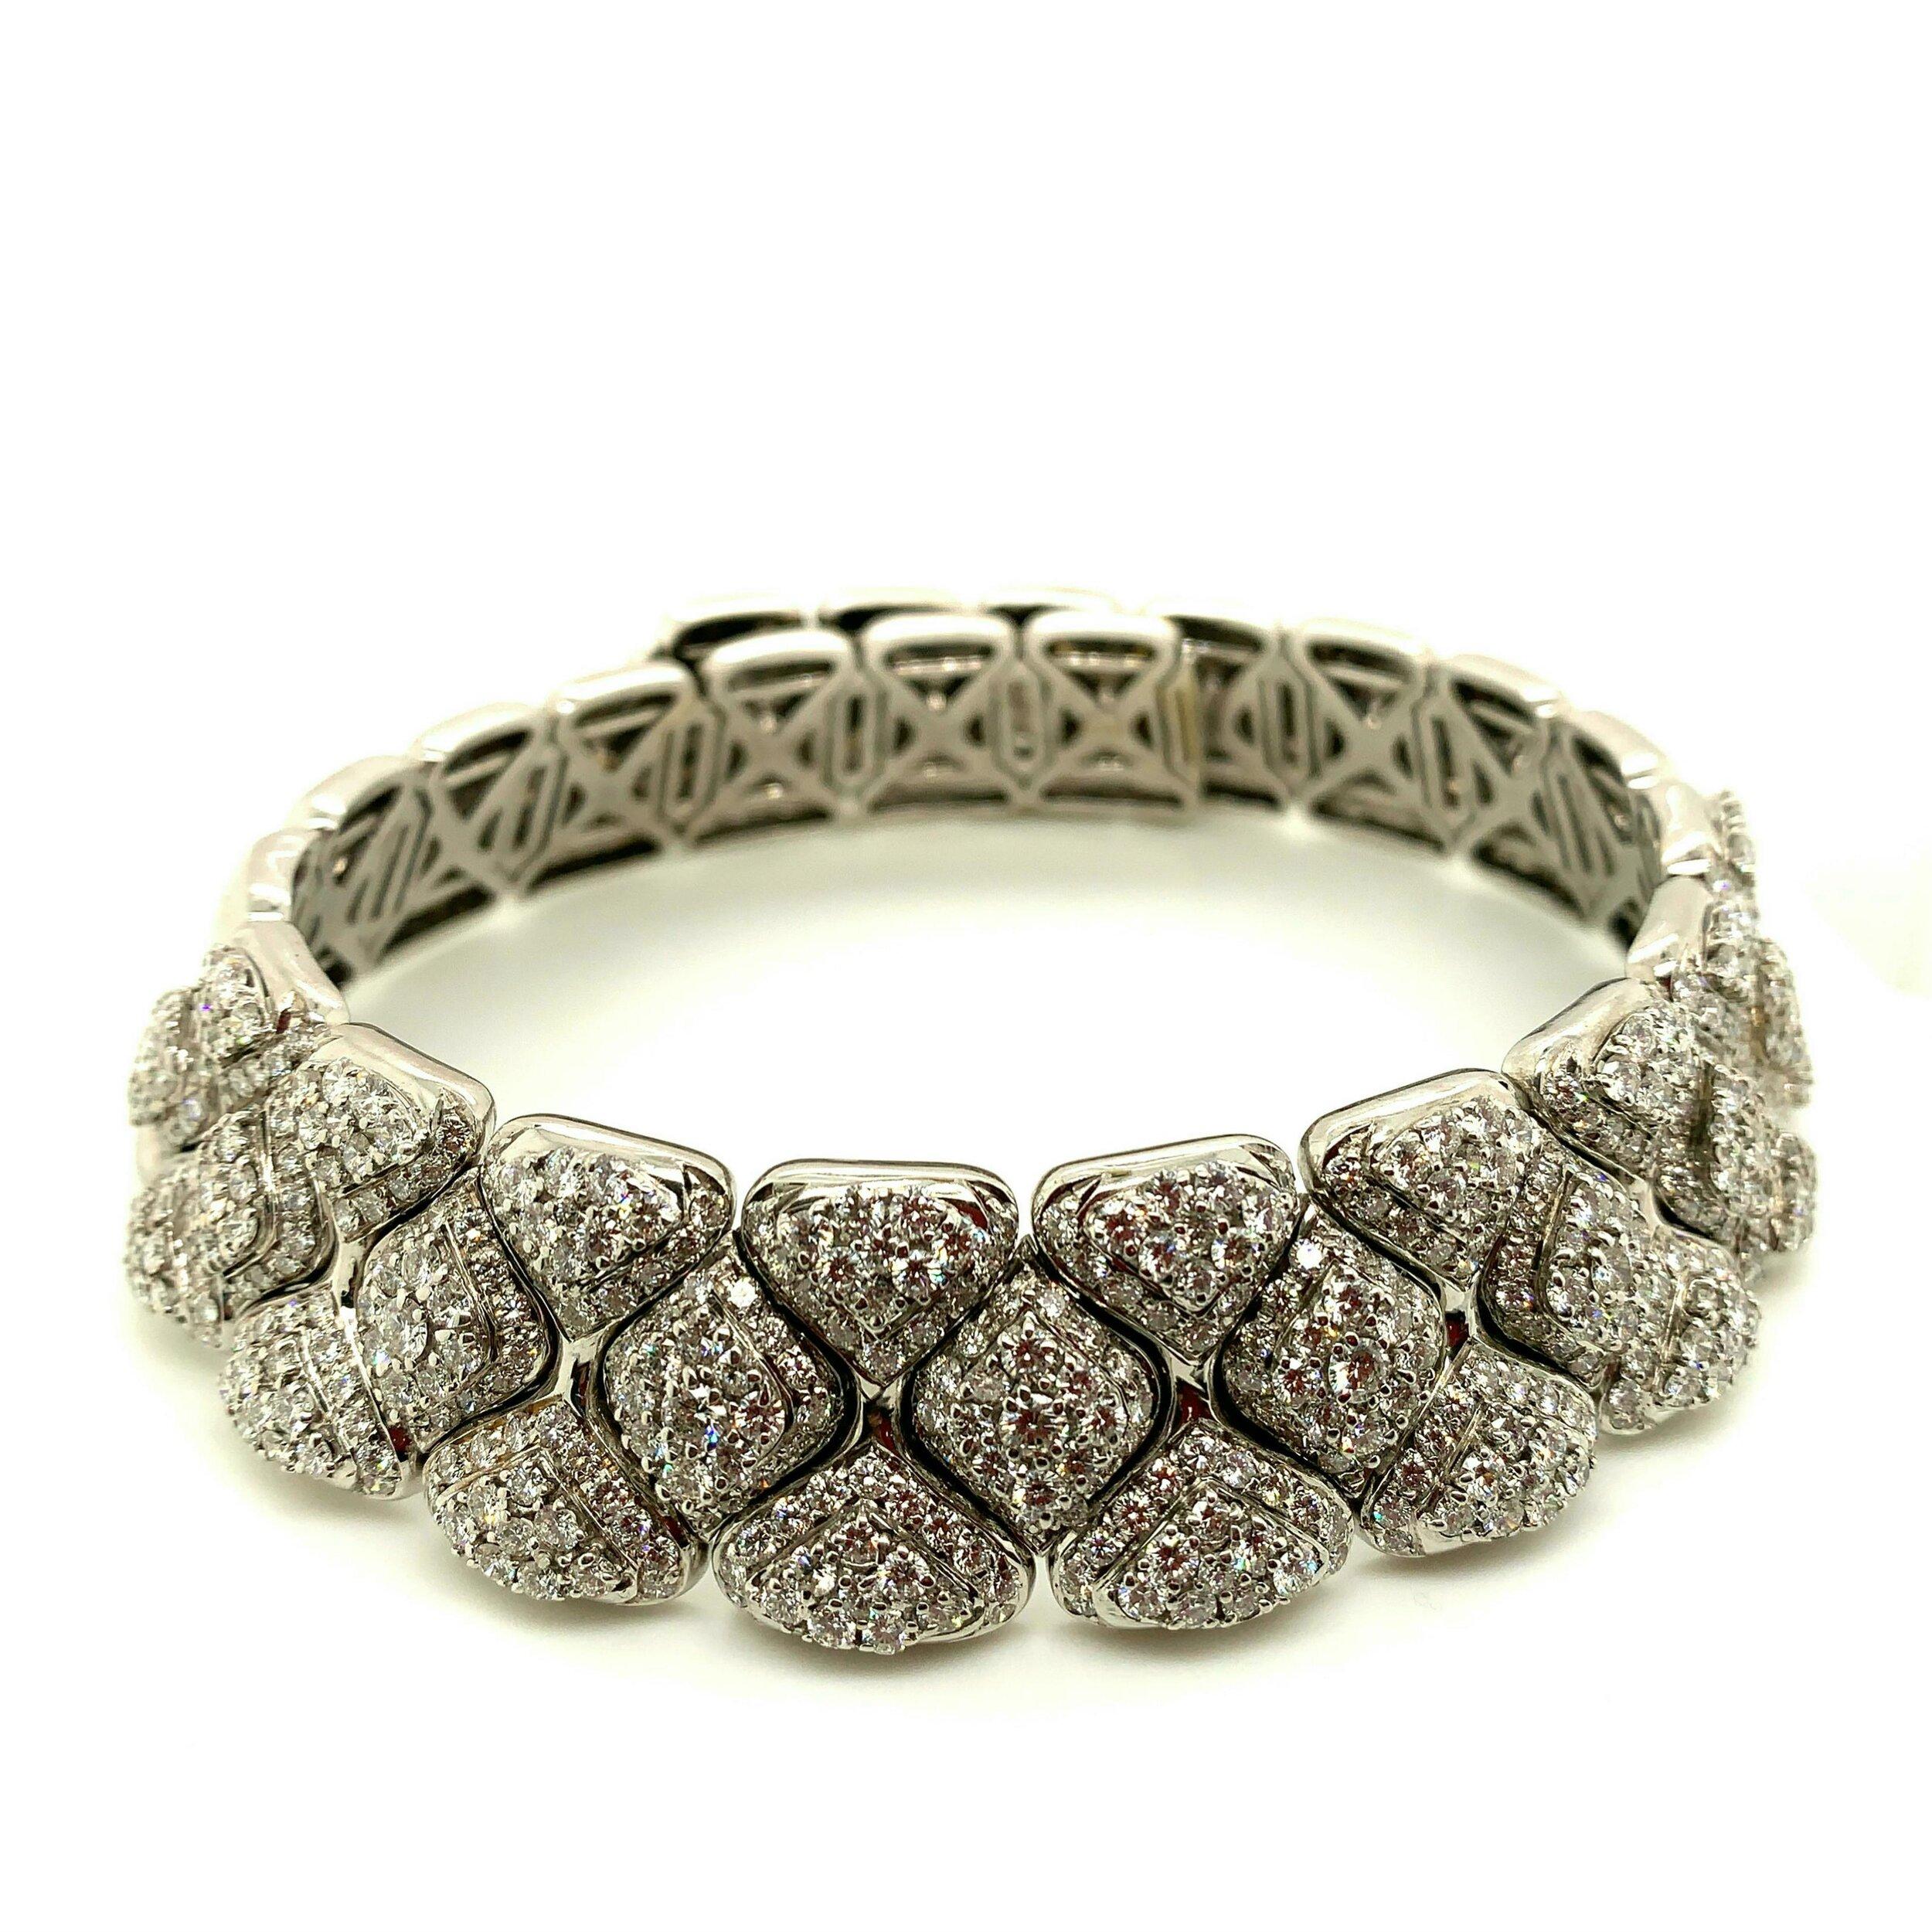 23.5ct Pave Diamond Choker Necklace   Est. US$ 15,000-18,000